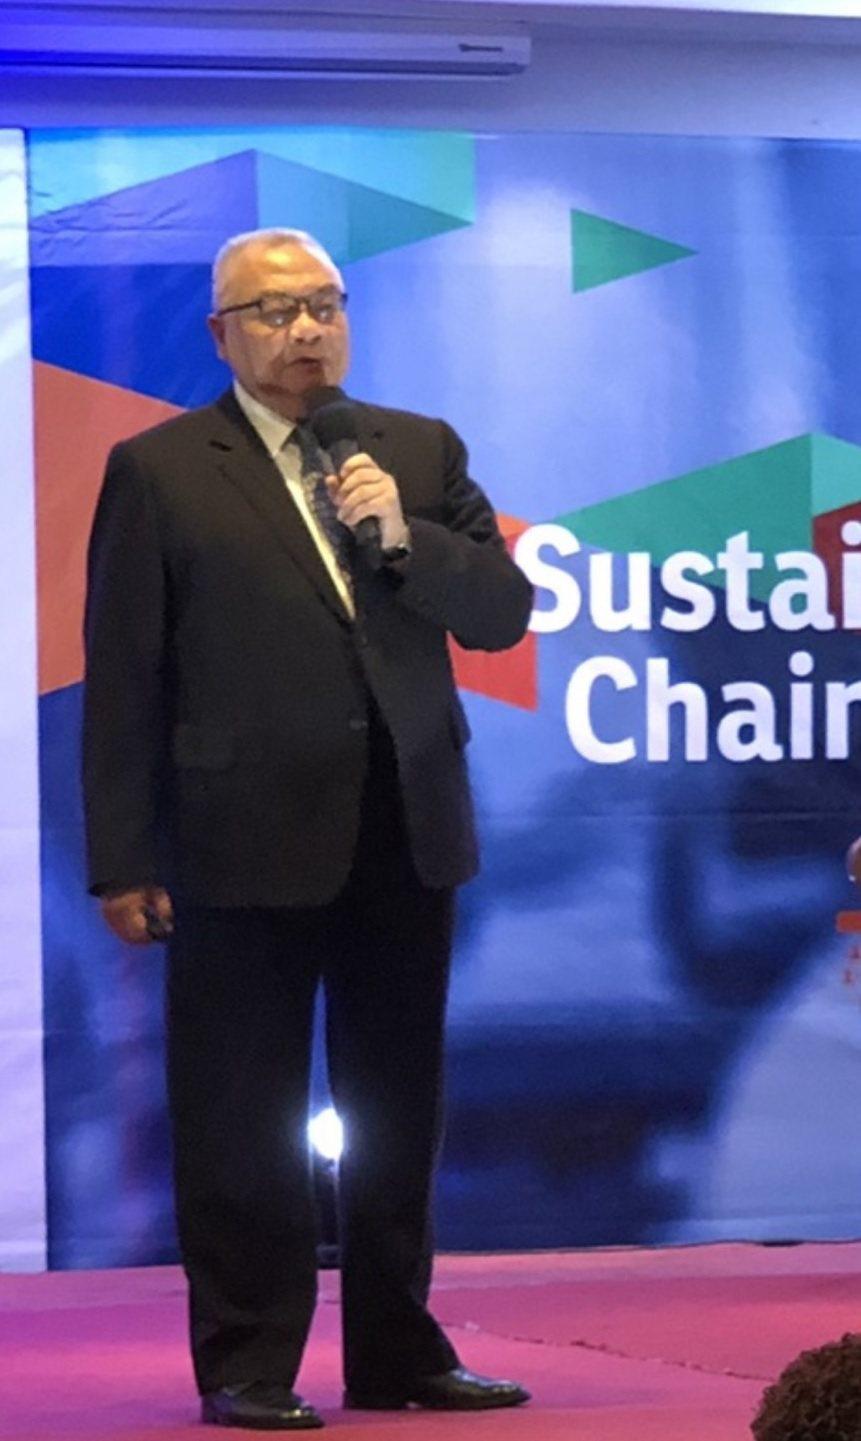 台灣永續供應協會理事長賴樹鑫出席IFPSM世界高峰會議,以國際理事身份發表演講。...